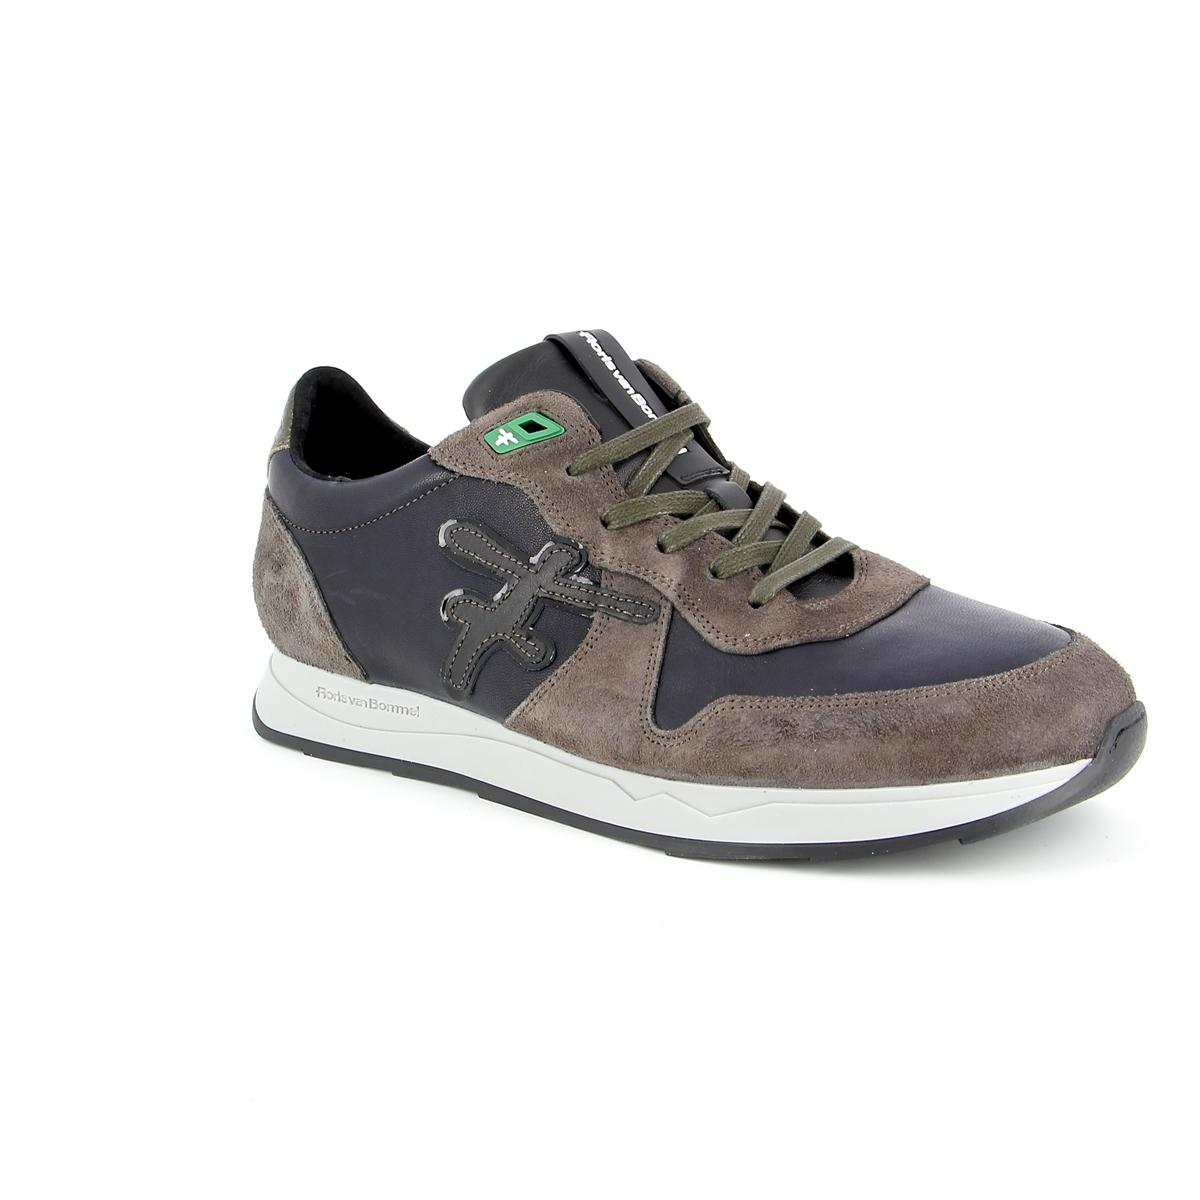 Floris Van Bommel Sneakers taupe